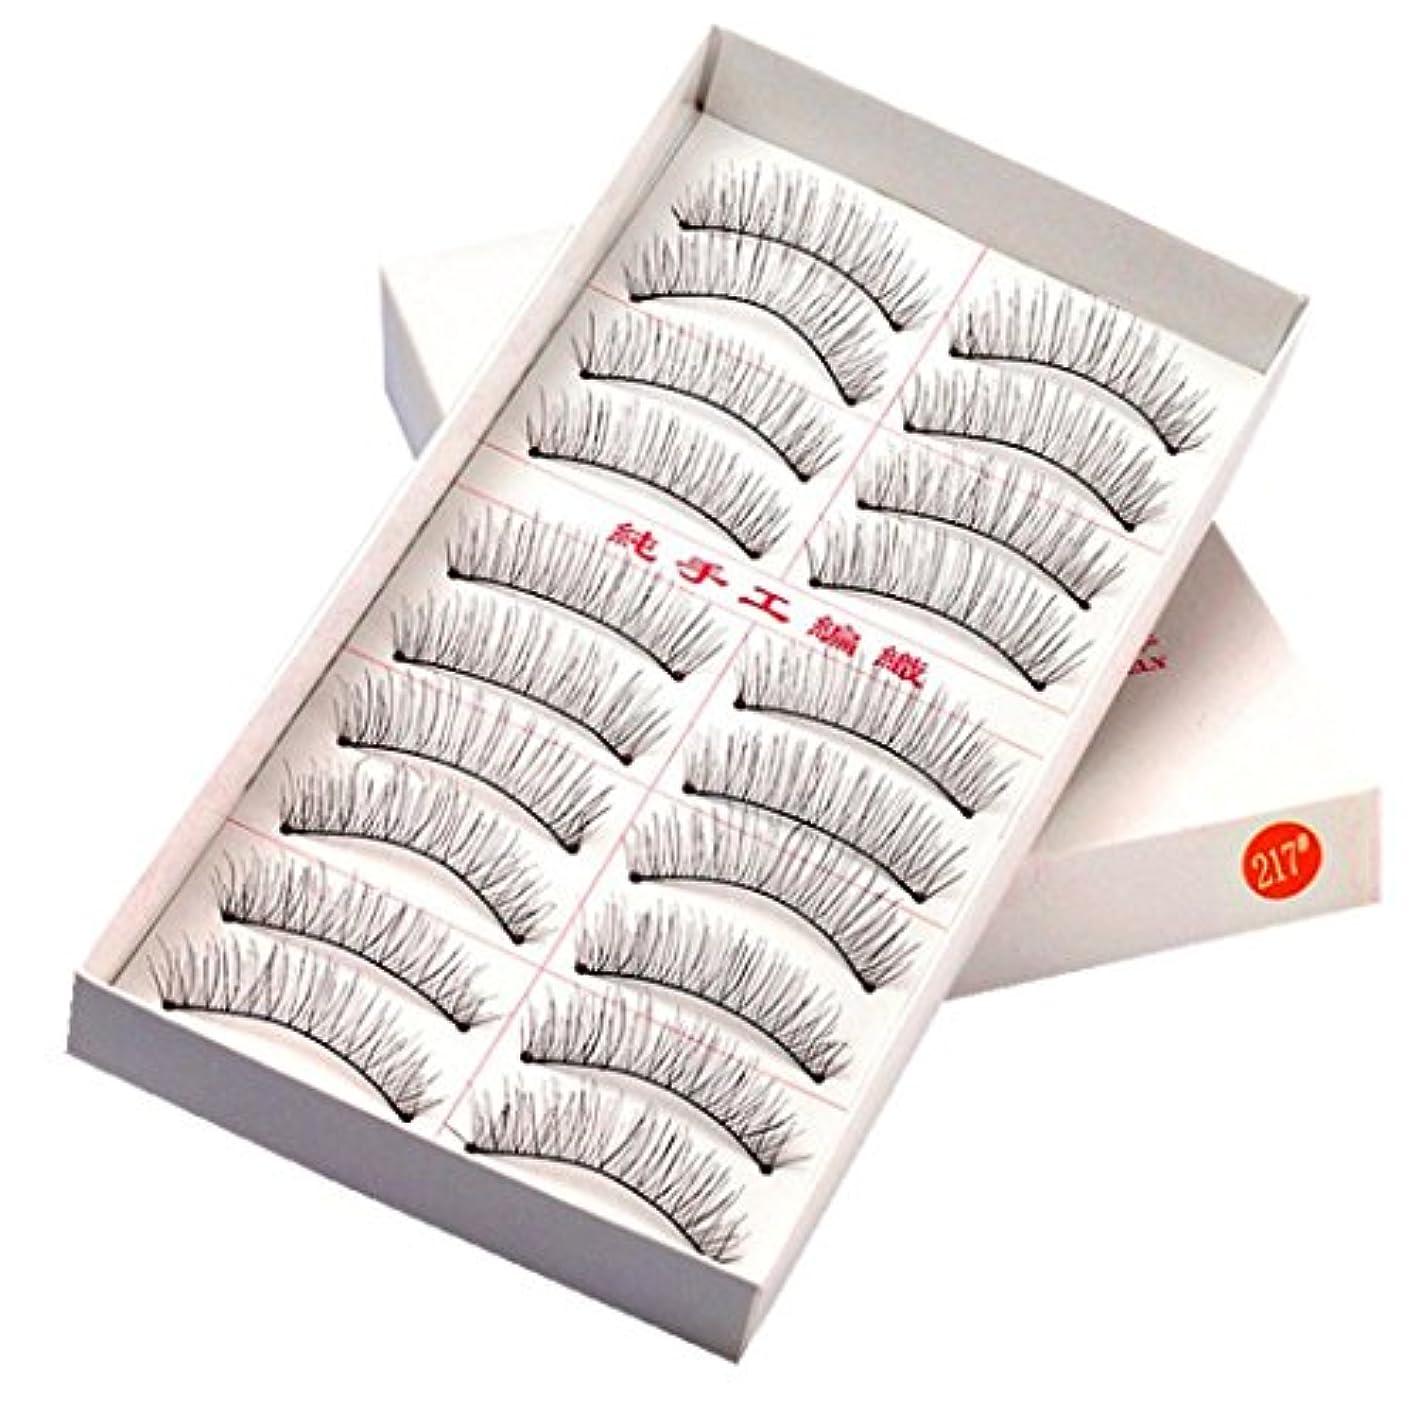 統合顧問神経障害Feteso 10ペアセット つけまつげ 上まつげ Eyelashes アイラッシュ ビューティー まつげエクステ レディース 化粧ツール アイメイクアップ 人気 ナチュラル 飾り ふんわり 装着簡単 綺麗 変身